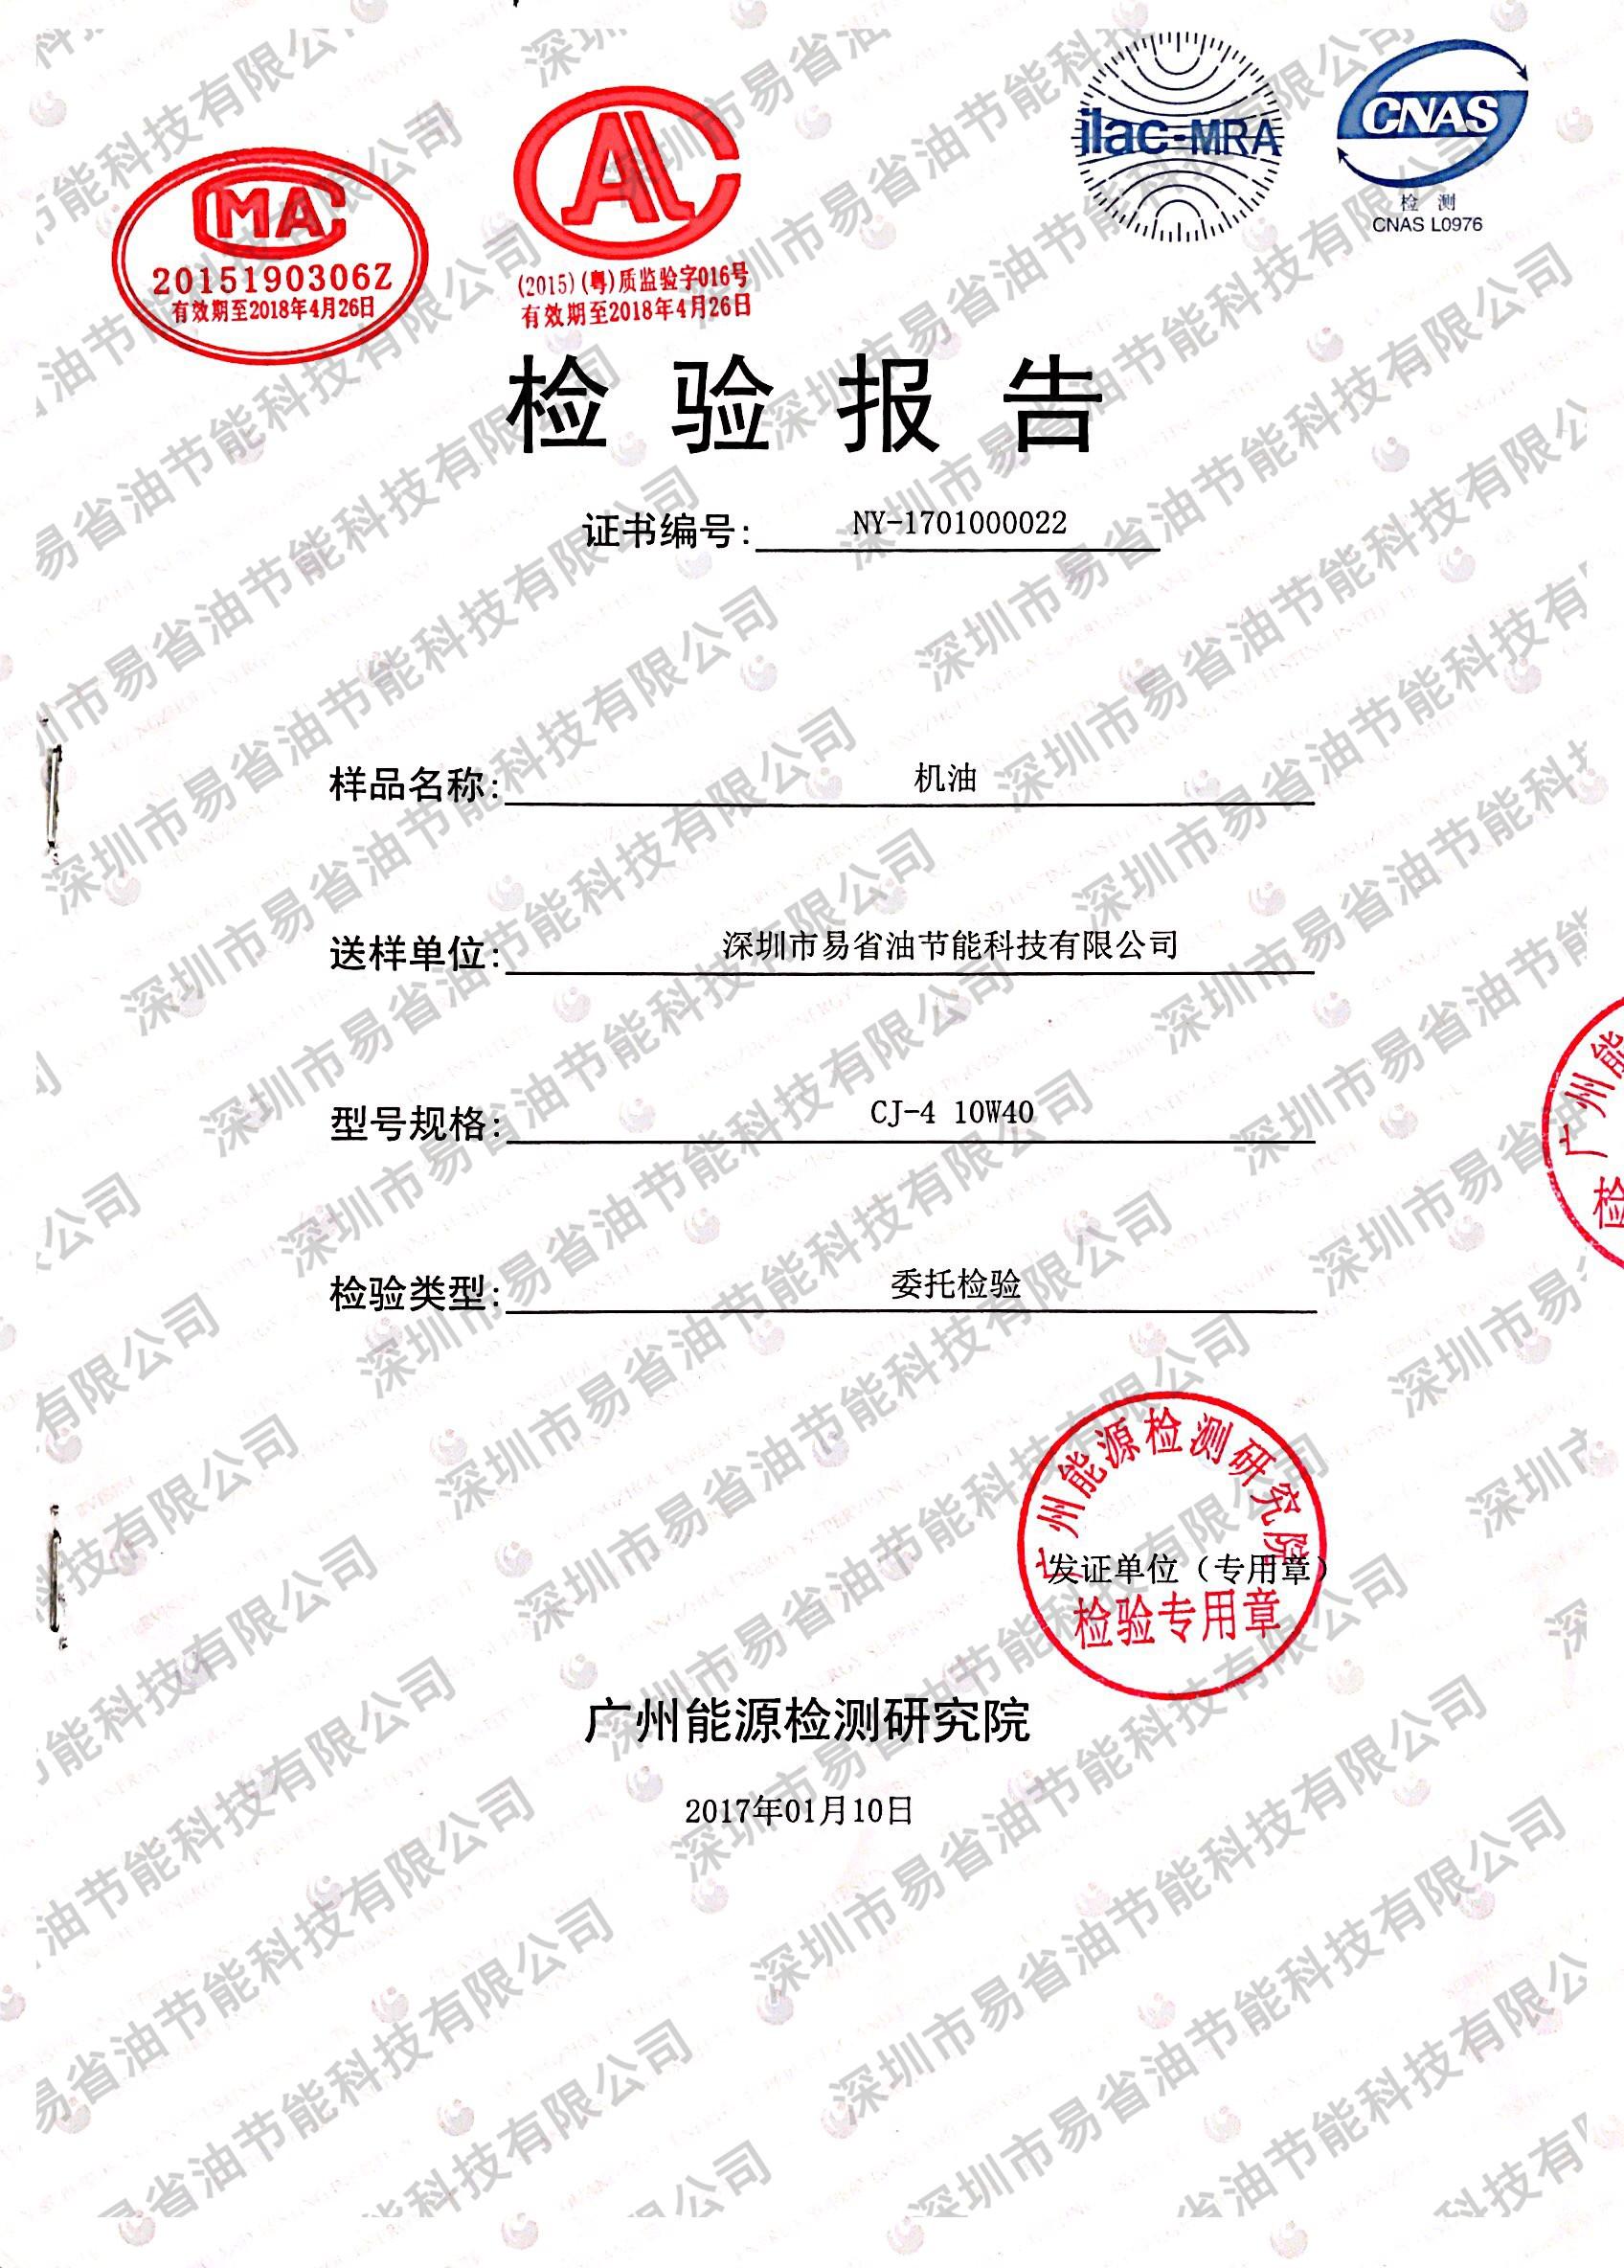 机油检测报告CJ-410w40